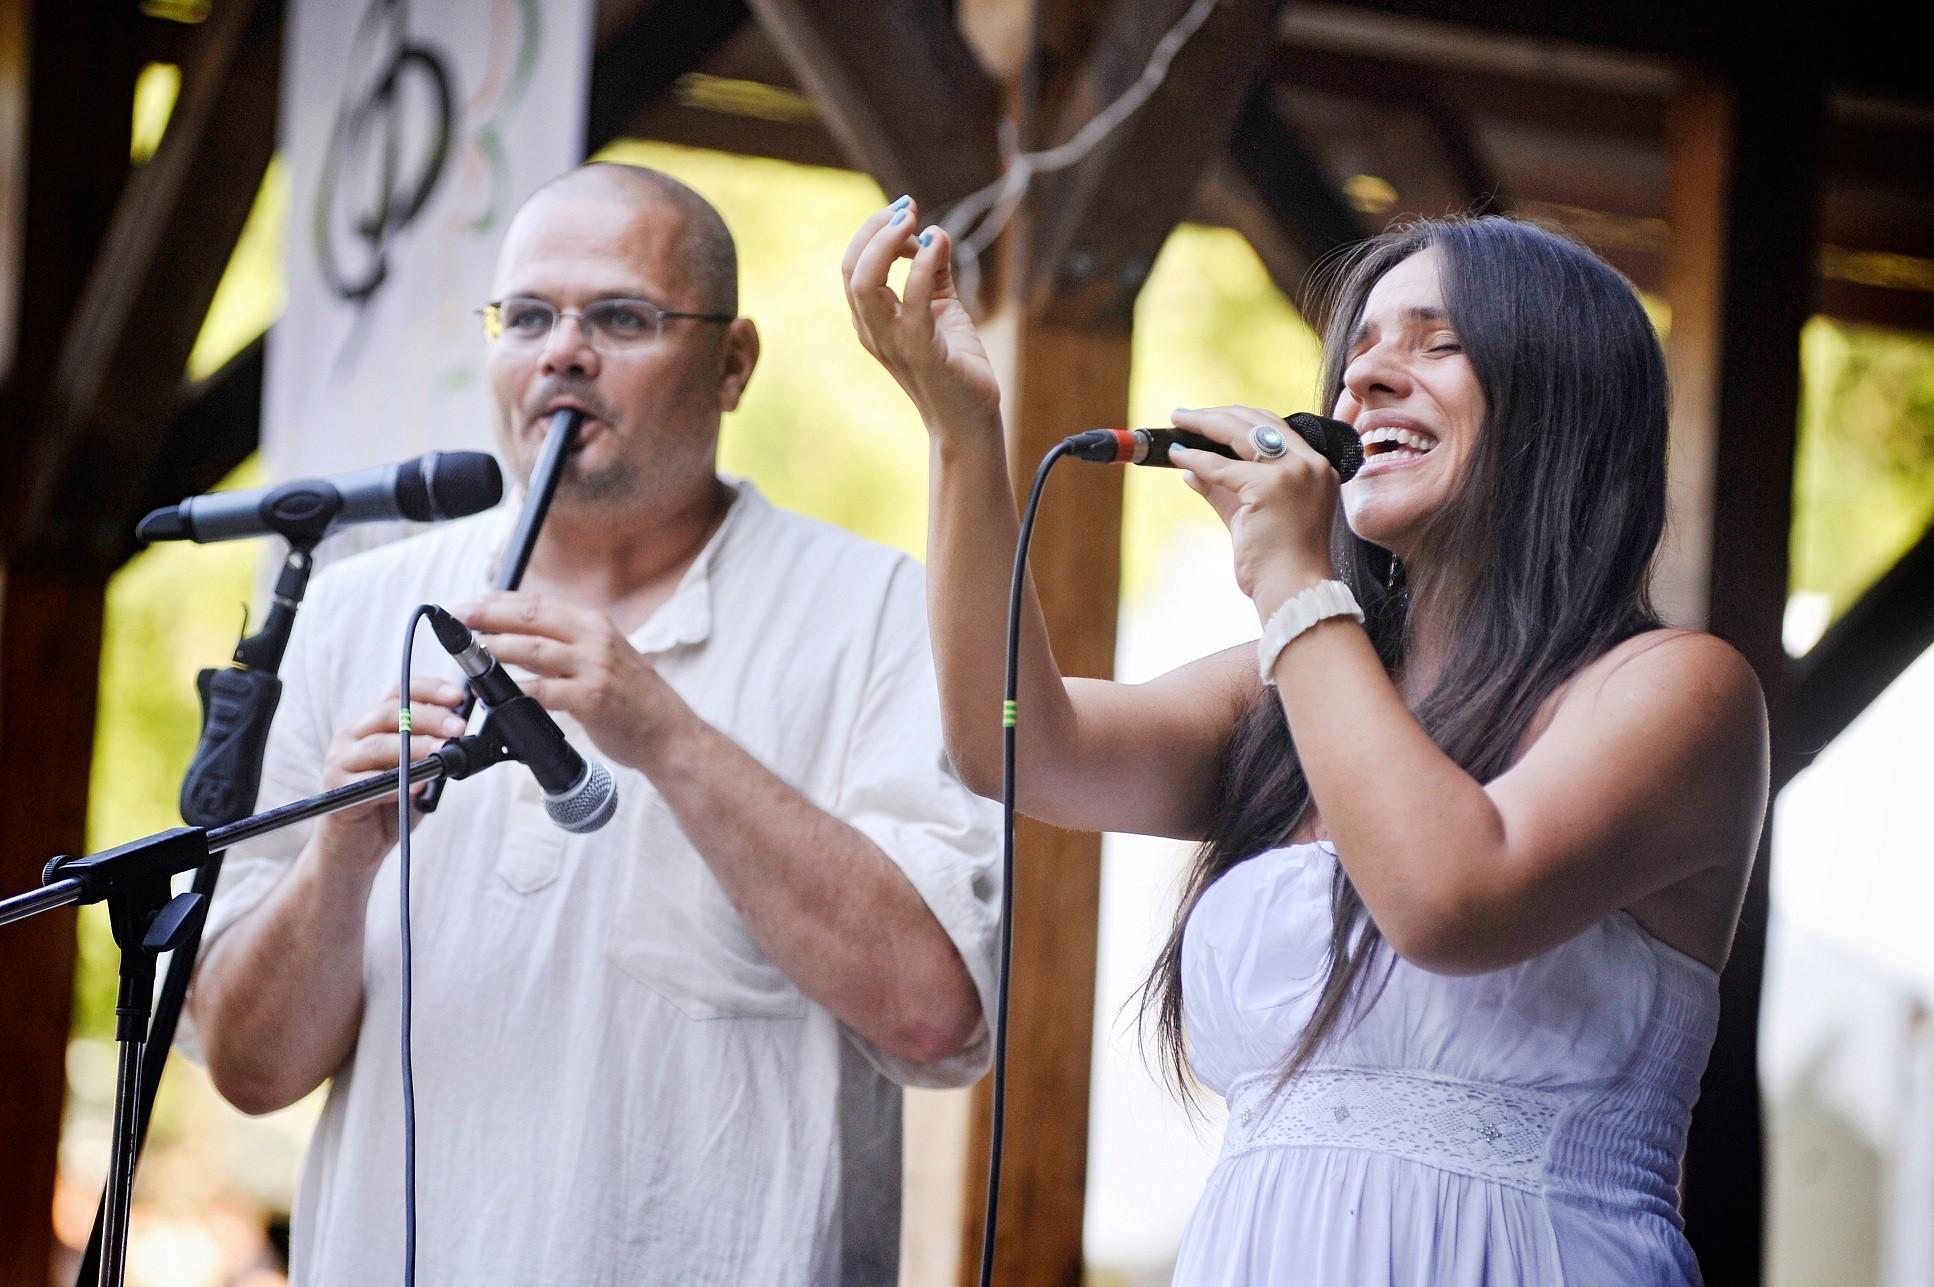 Három földrész szakrális zenei hagyományai élednek fel a Szent István-bazilikában